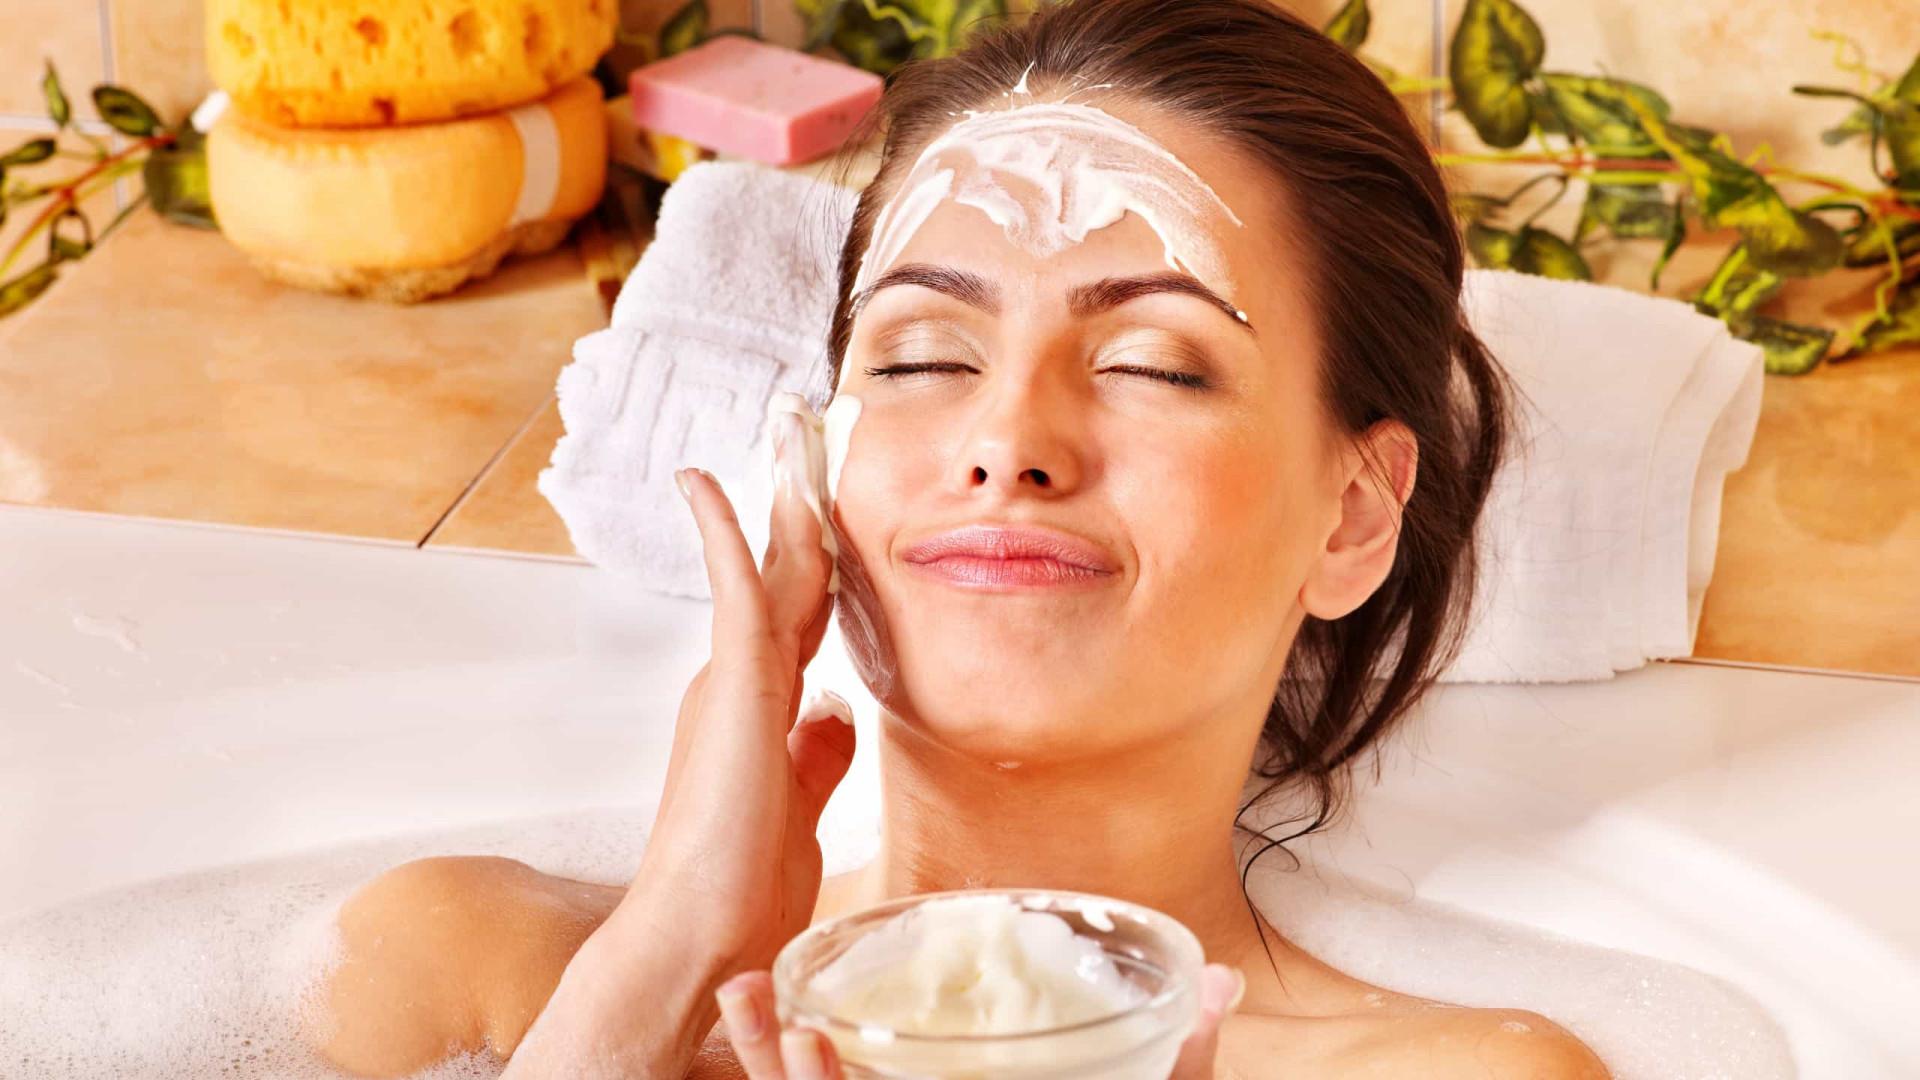 Máscara facial nutritiva para o rosto. Experimente esta receita caseira